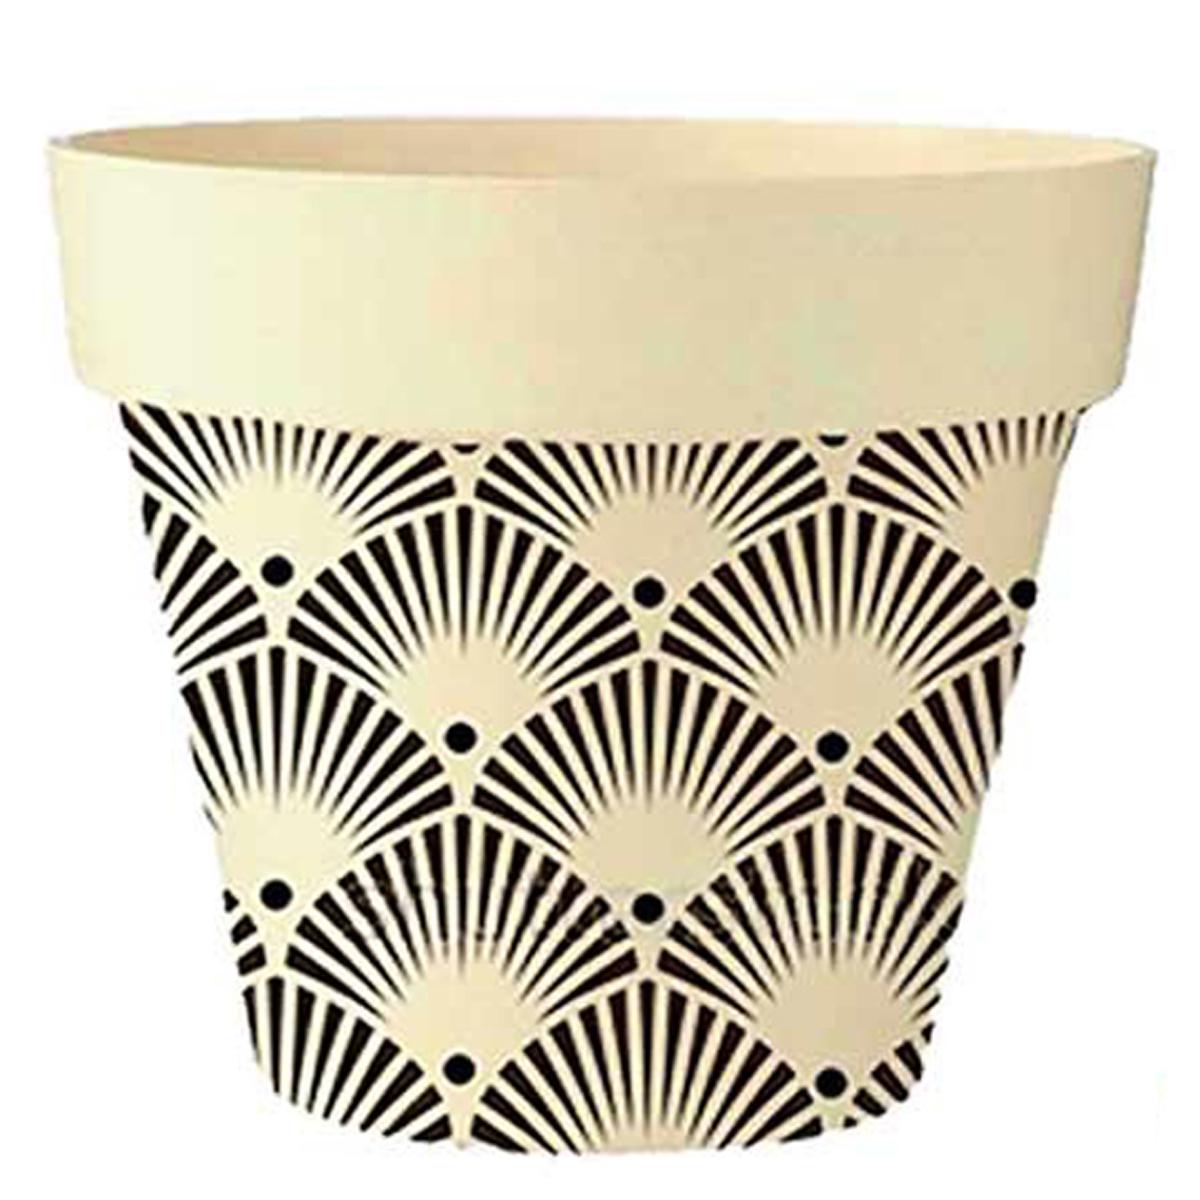 Cache-pot bambou \'Boho\' beige noir -  17x18 cm - [Q6405]